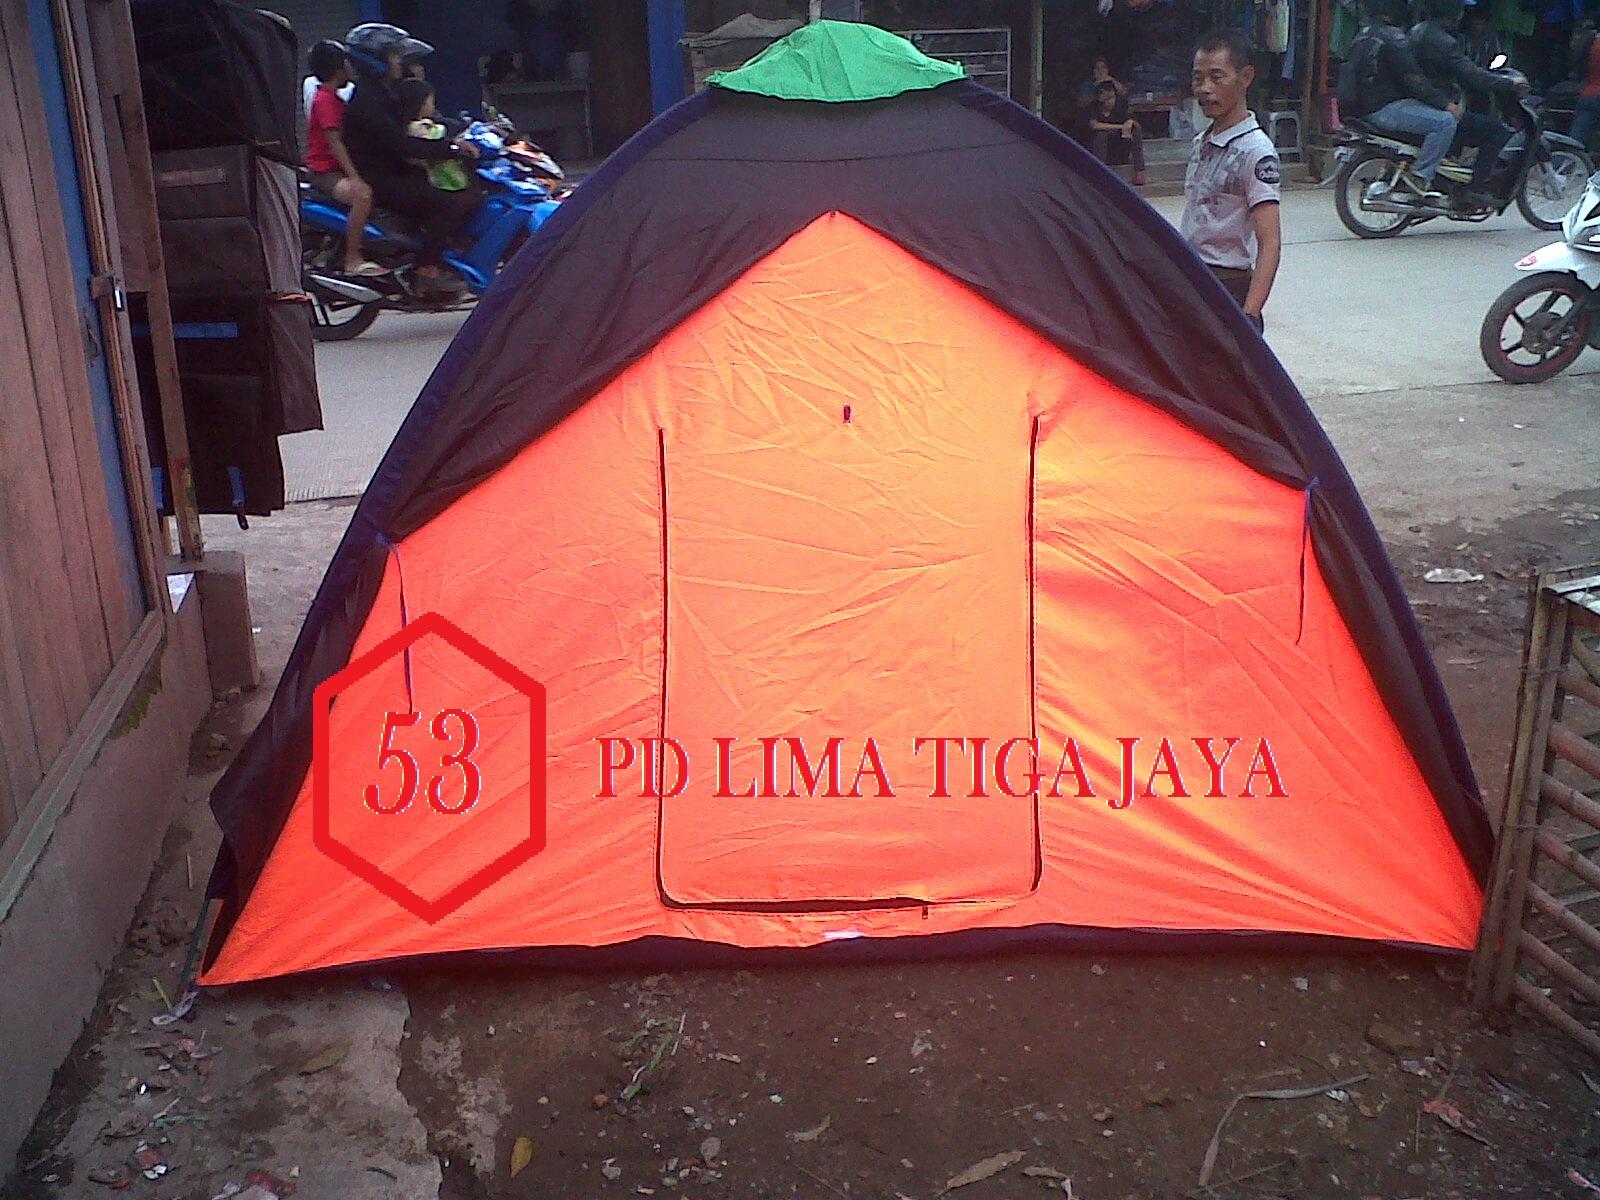 jual tenda dome , murah bandung , pusat tenda